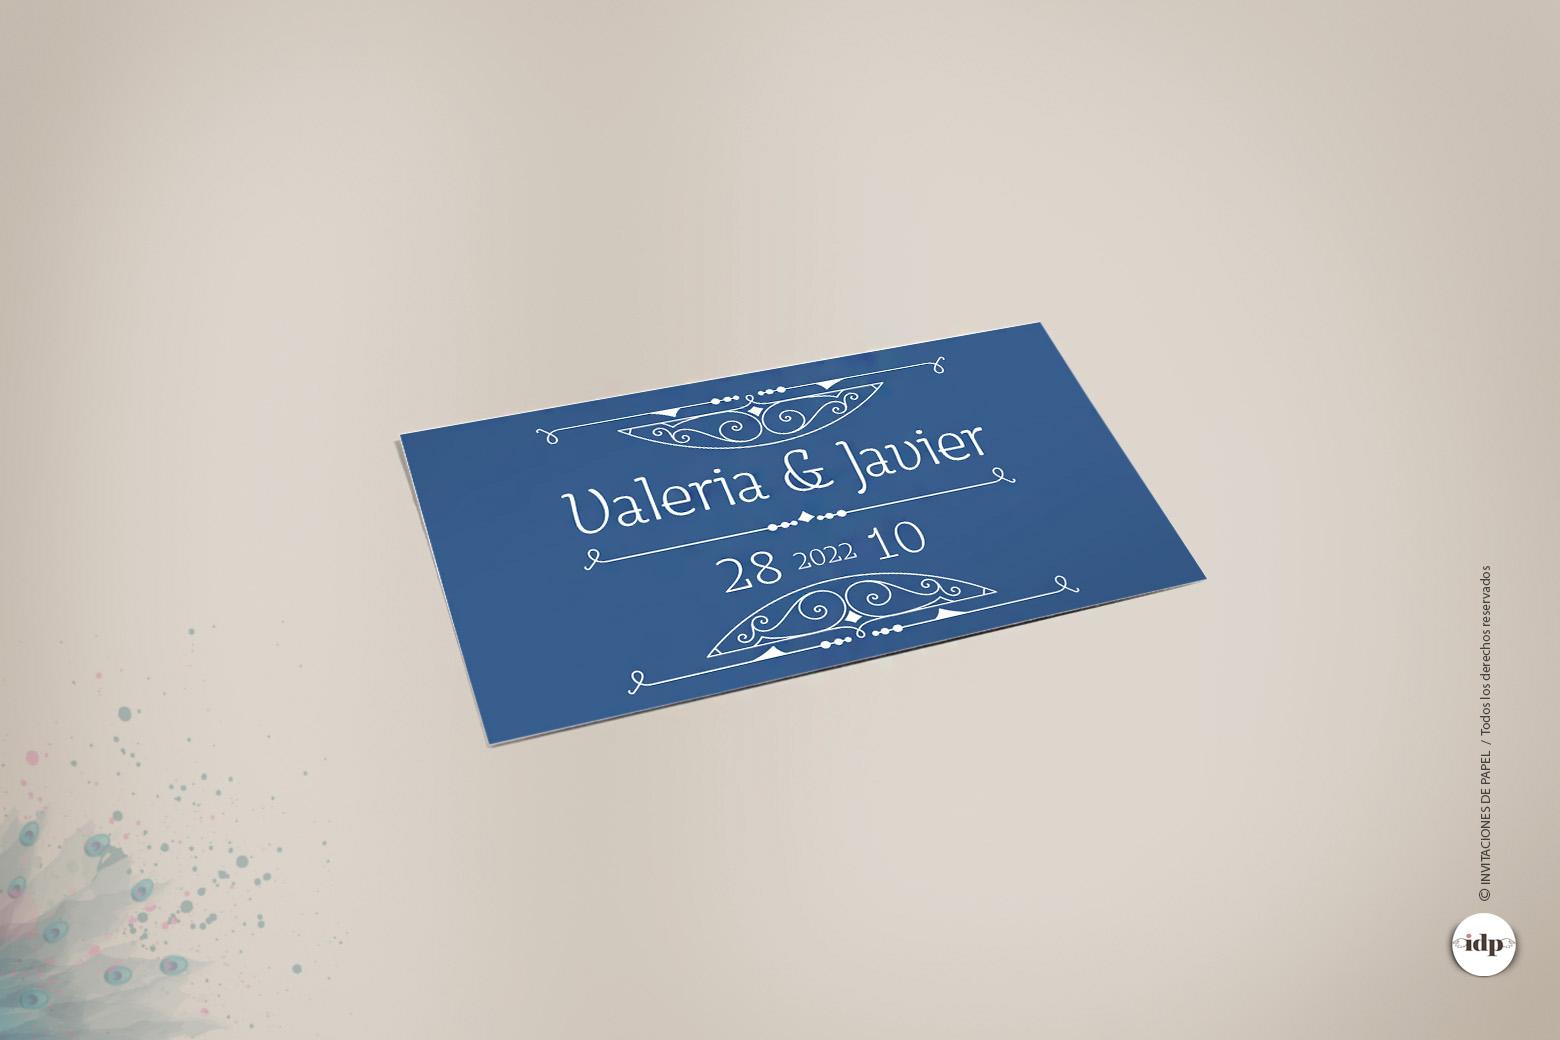 Etiqueta Adhesiva para Regalos de Boda tipo Vintage Años 20 en Azul- royal rectangular